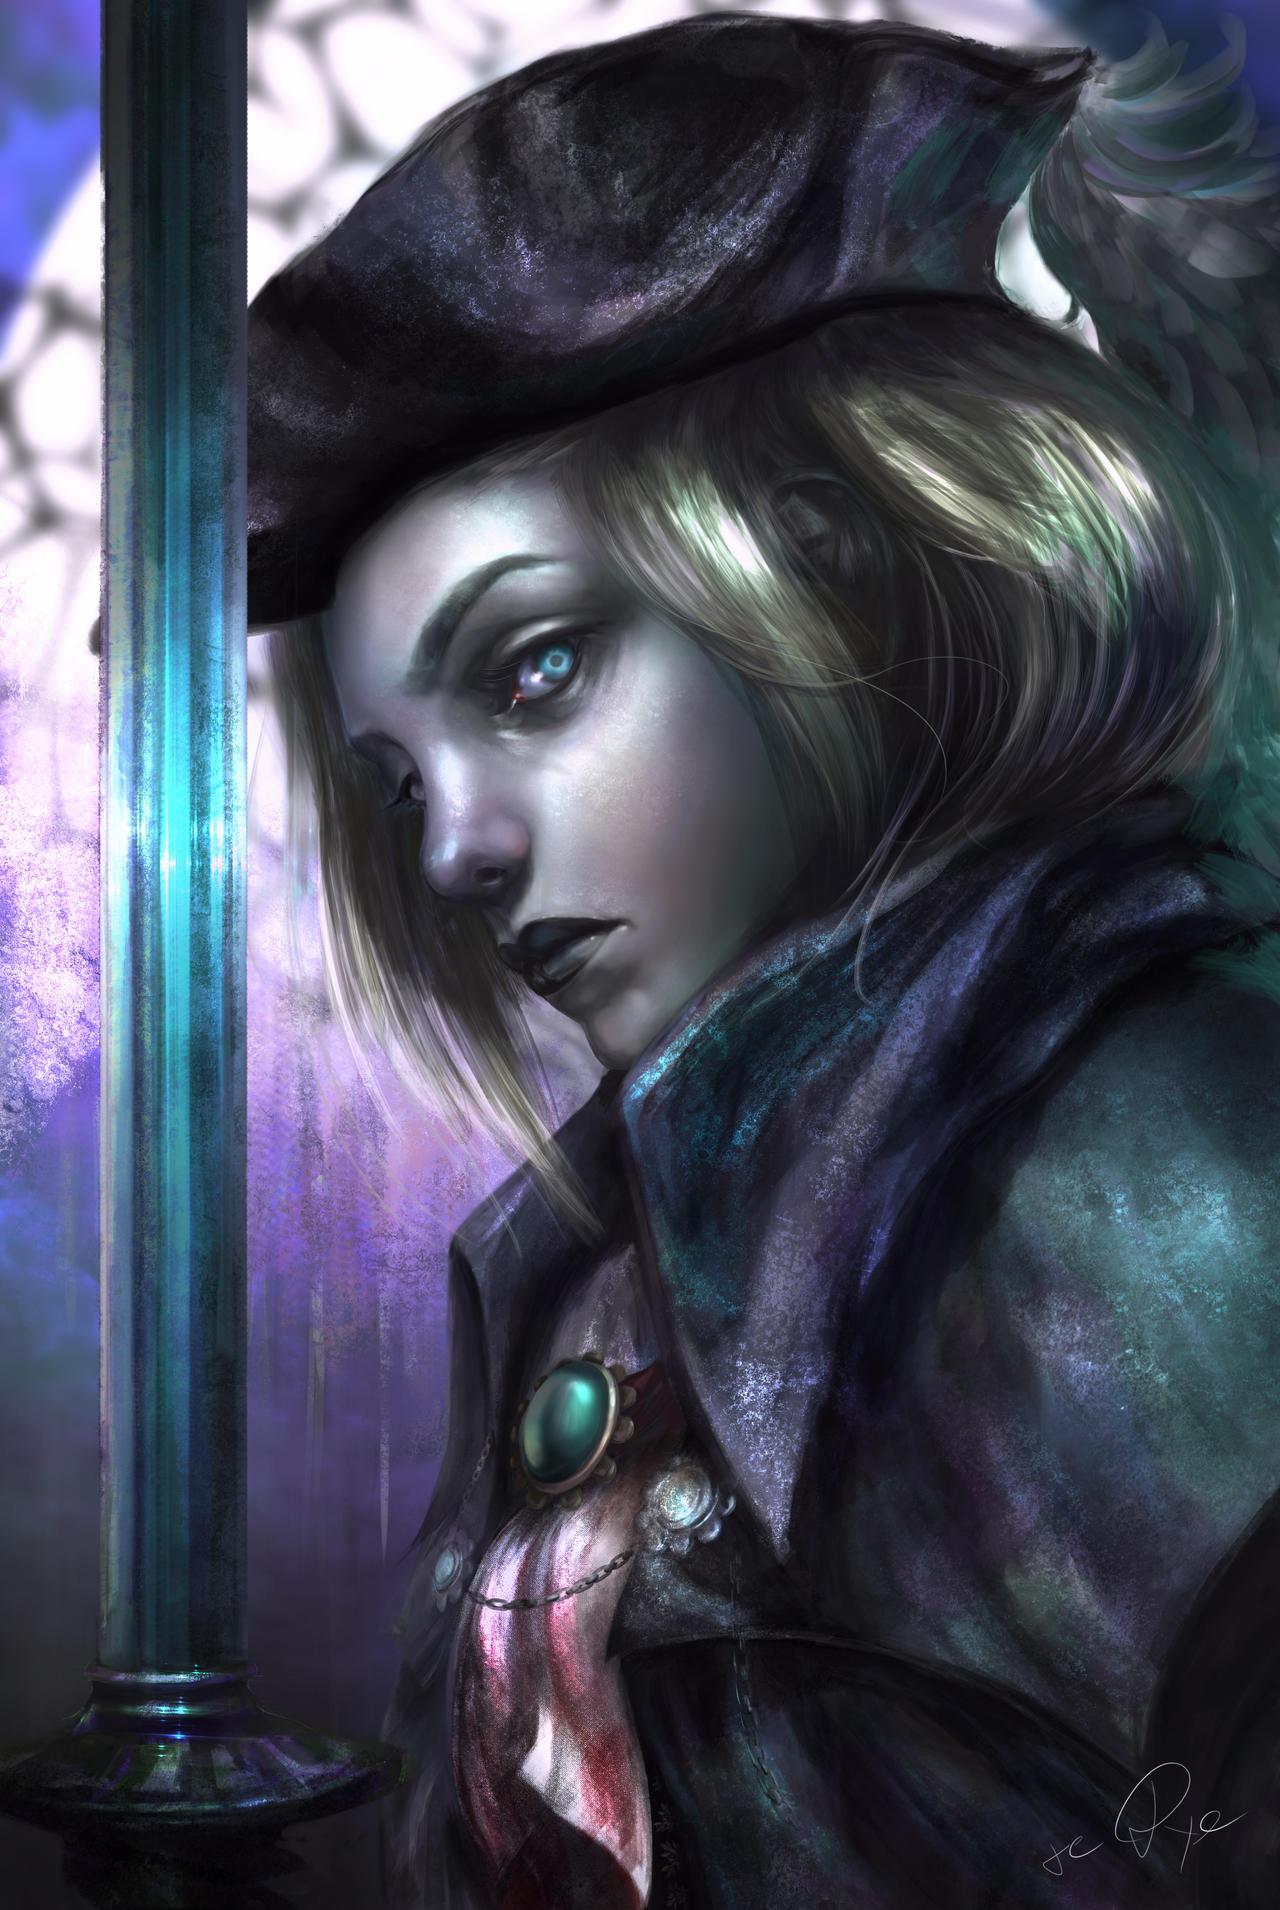 Bloodborne Fan Art Lady Maria By Re Dye On Deviantart